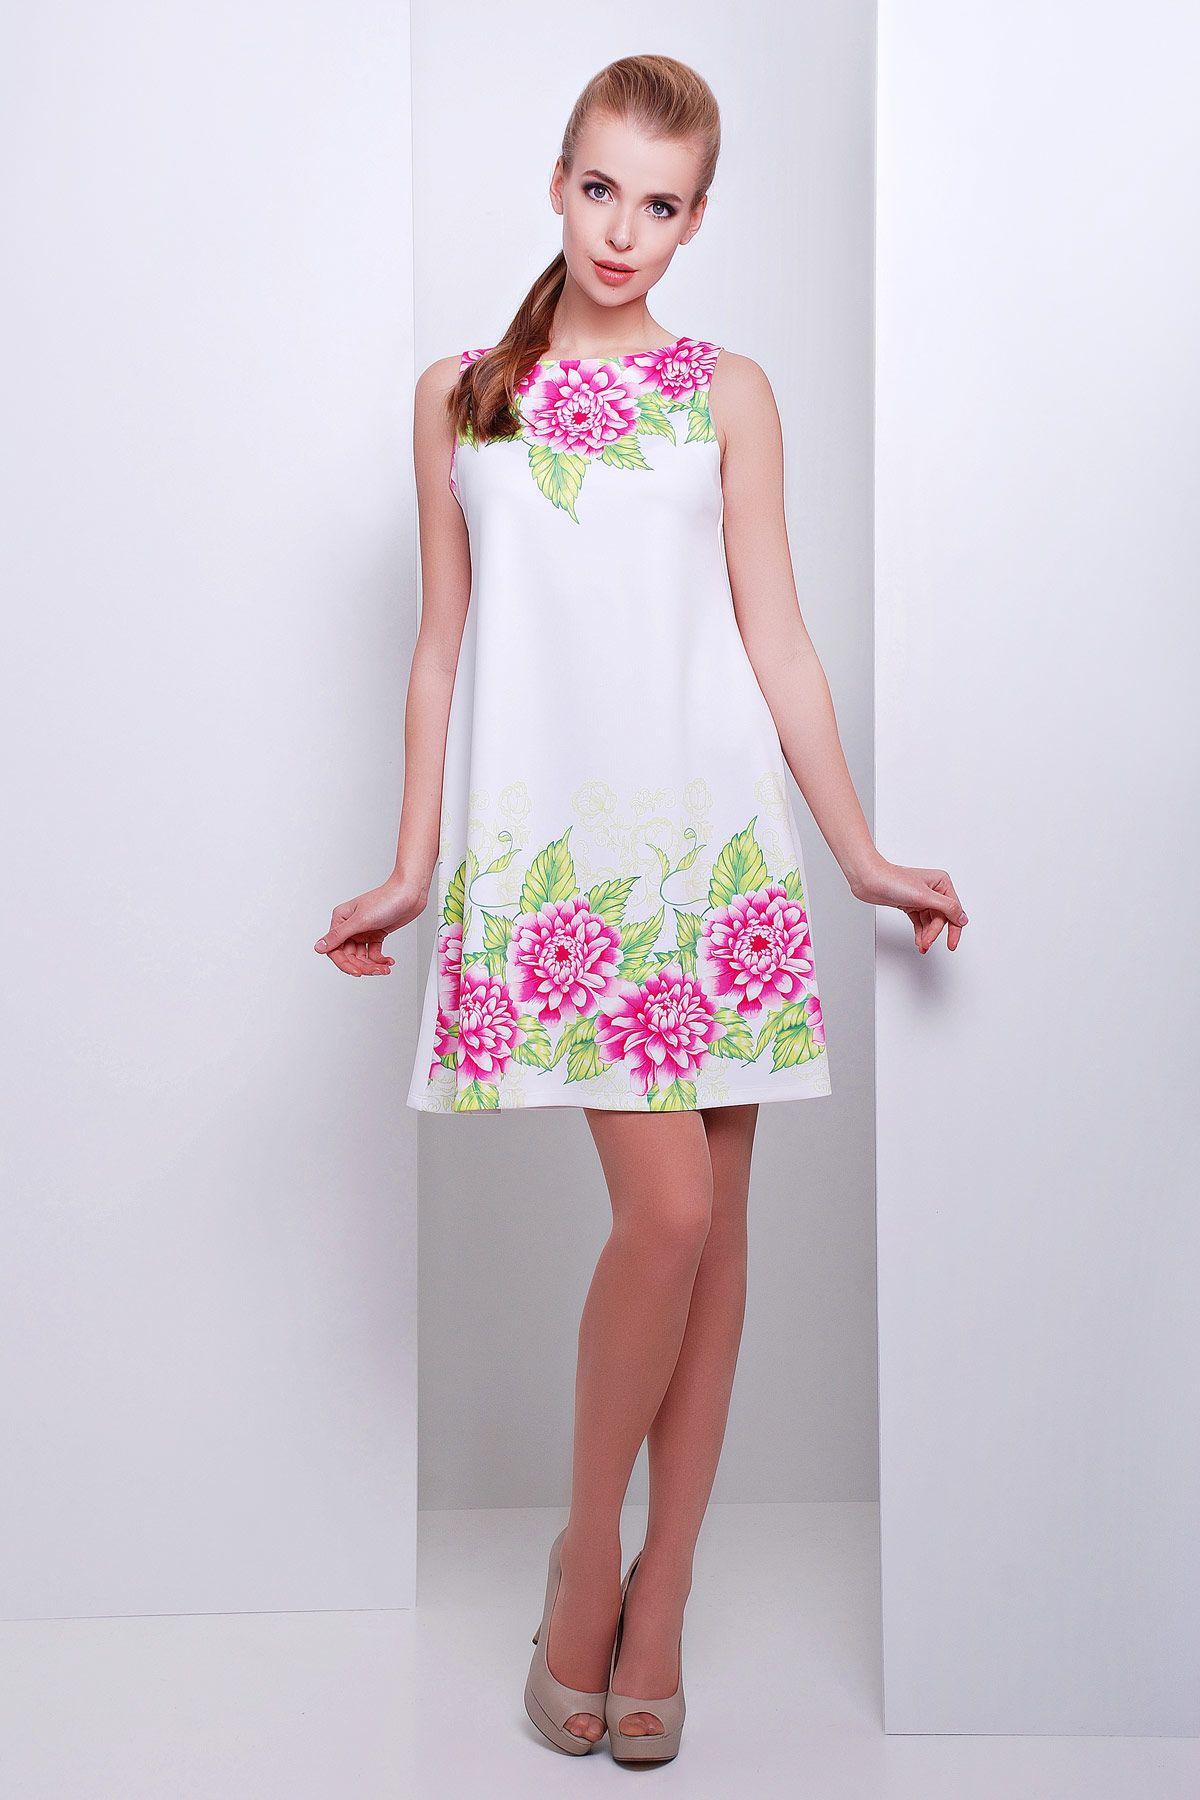 Белое платье-трапеция на сезон весна-лето без рукавов с цветочным принтом.  Пионы efeb0b6d65f